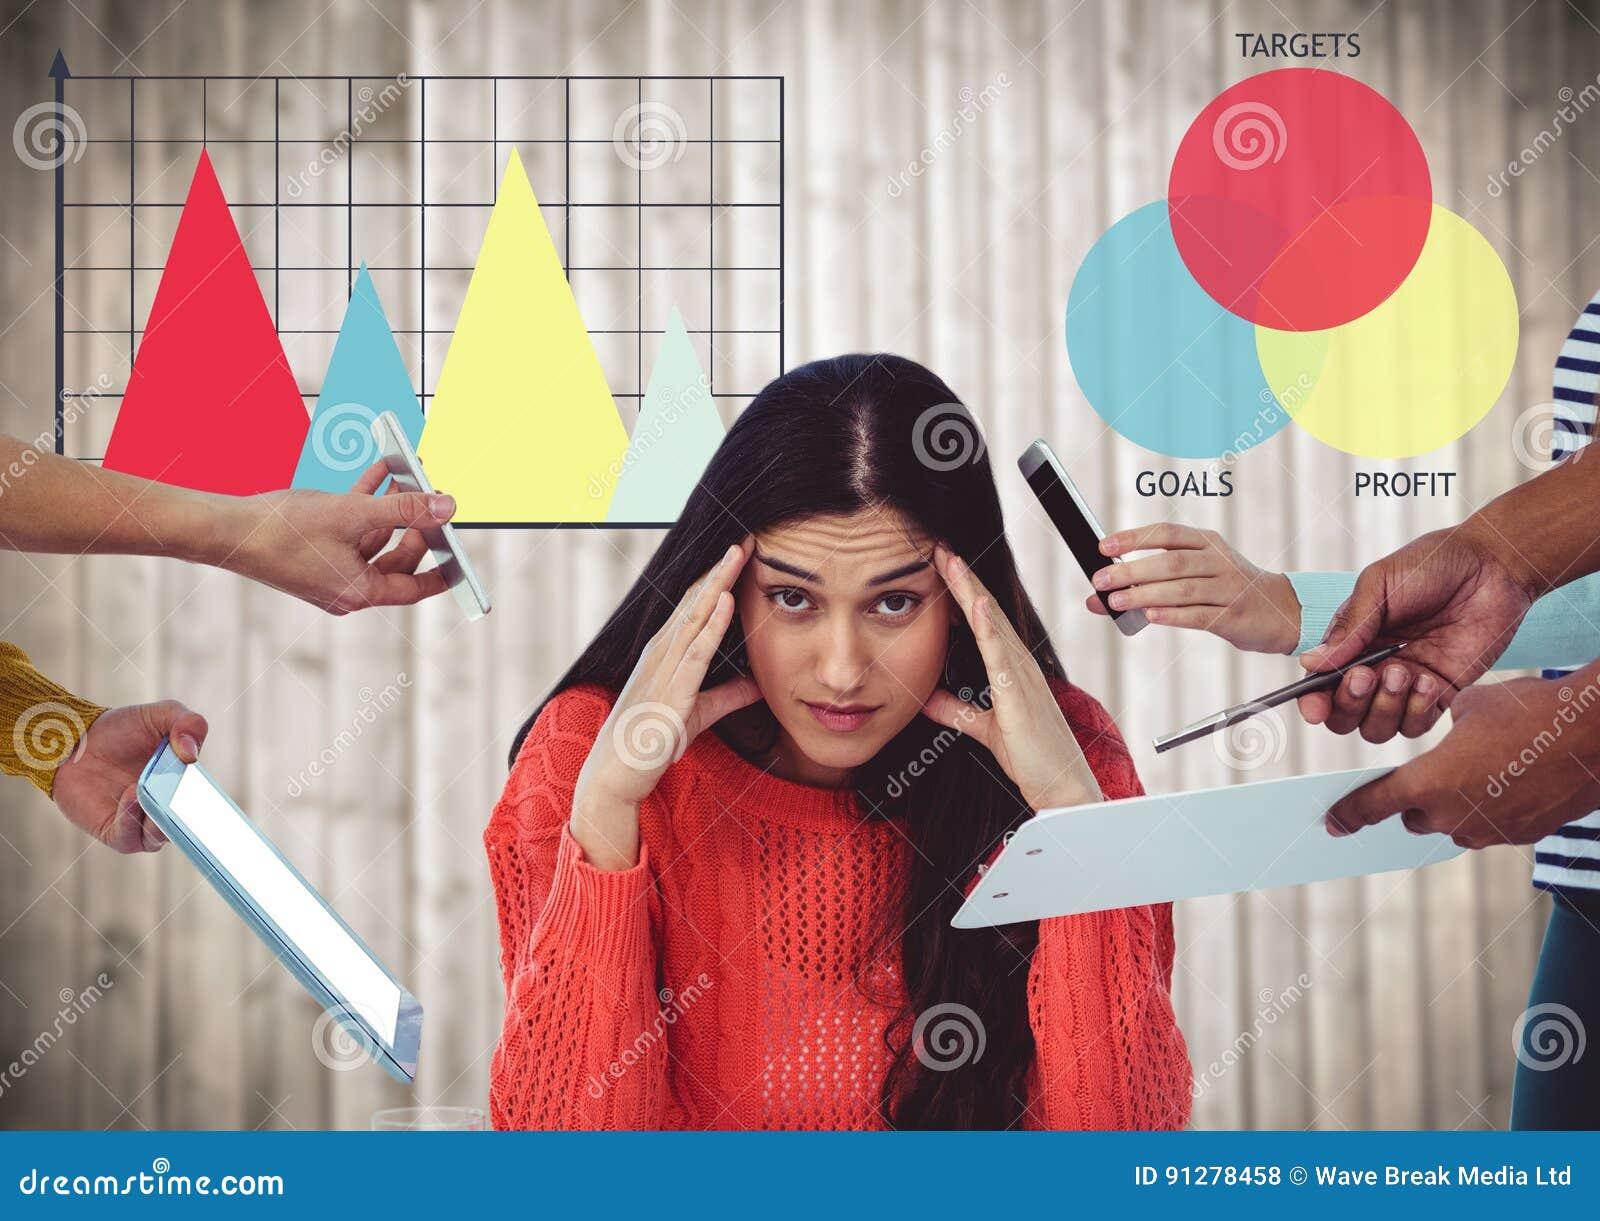 Händer med apparater som omger den stressade kvinnan mot färgglade grafer och oskarp wood panel